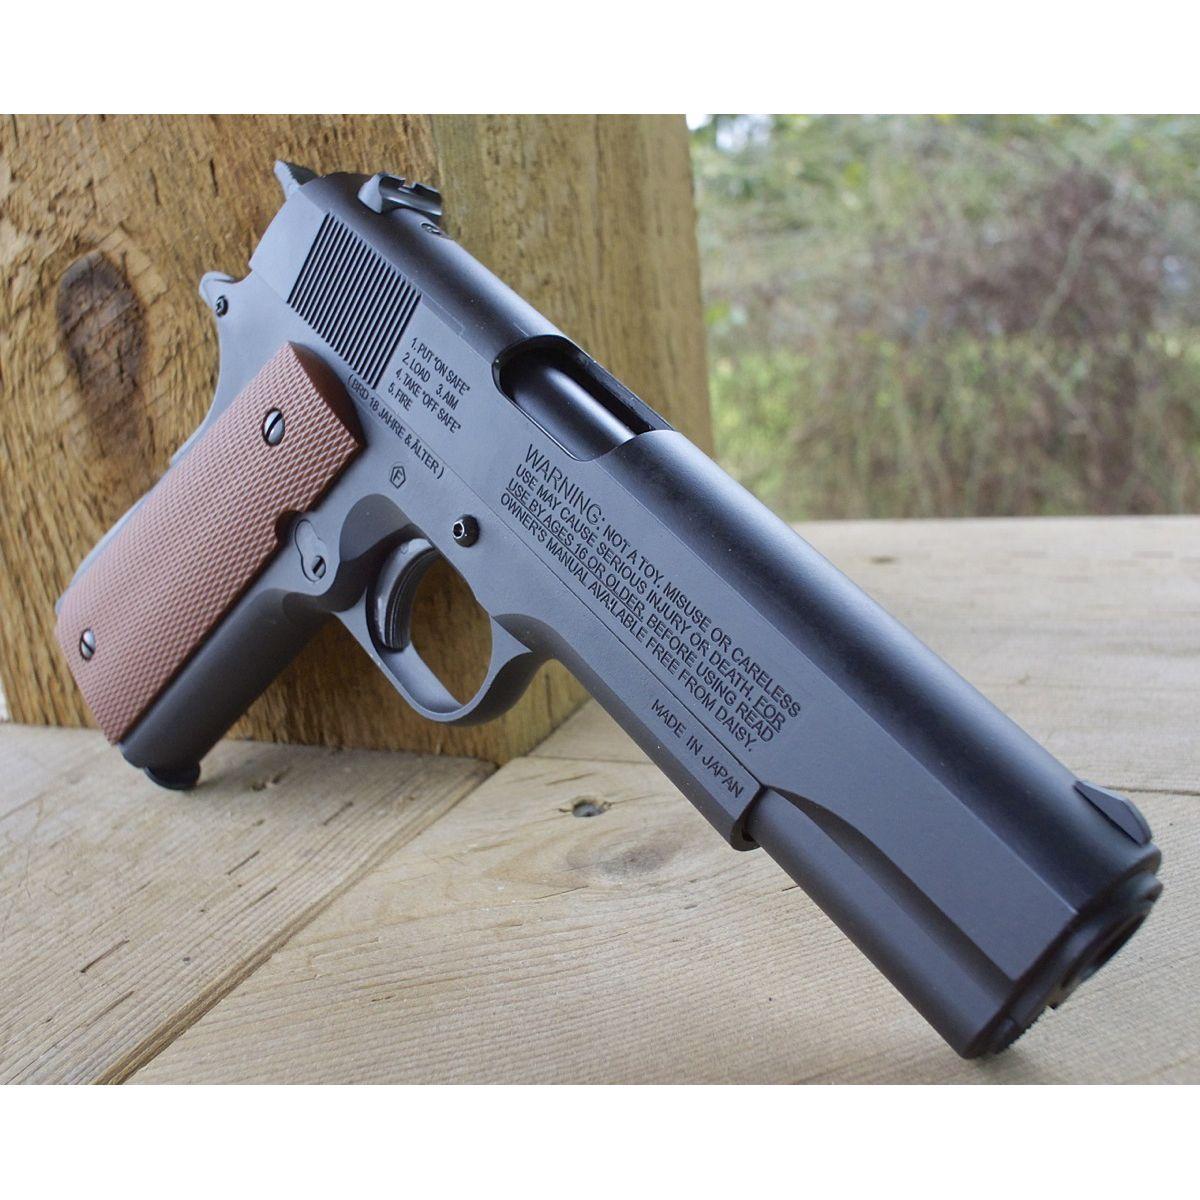 Cheap daisy winchester model 11 blowback bb pistol replicaairguns ca